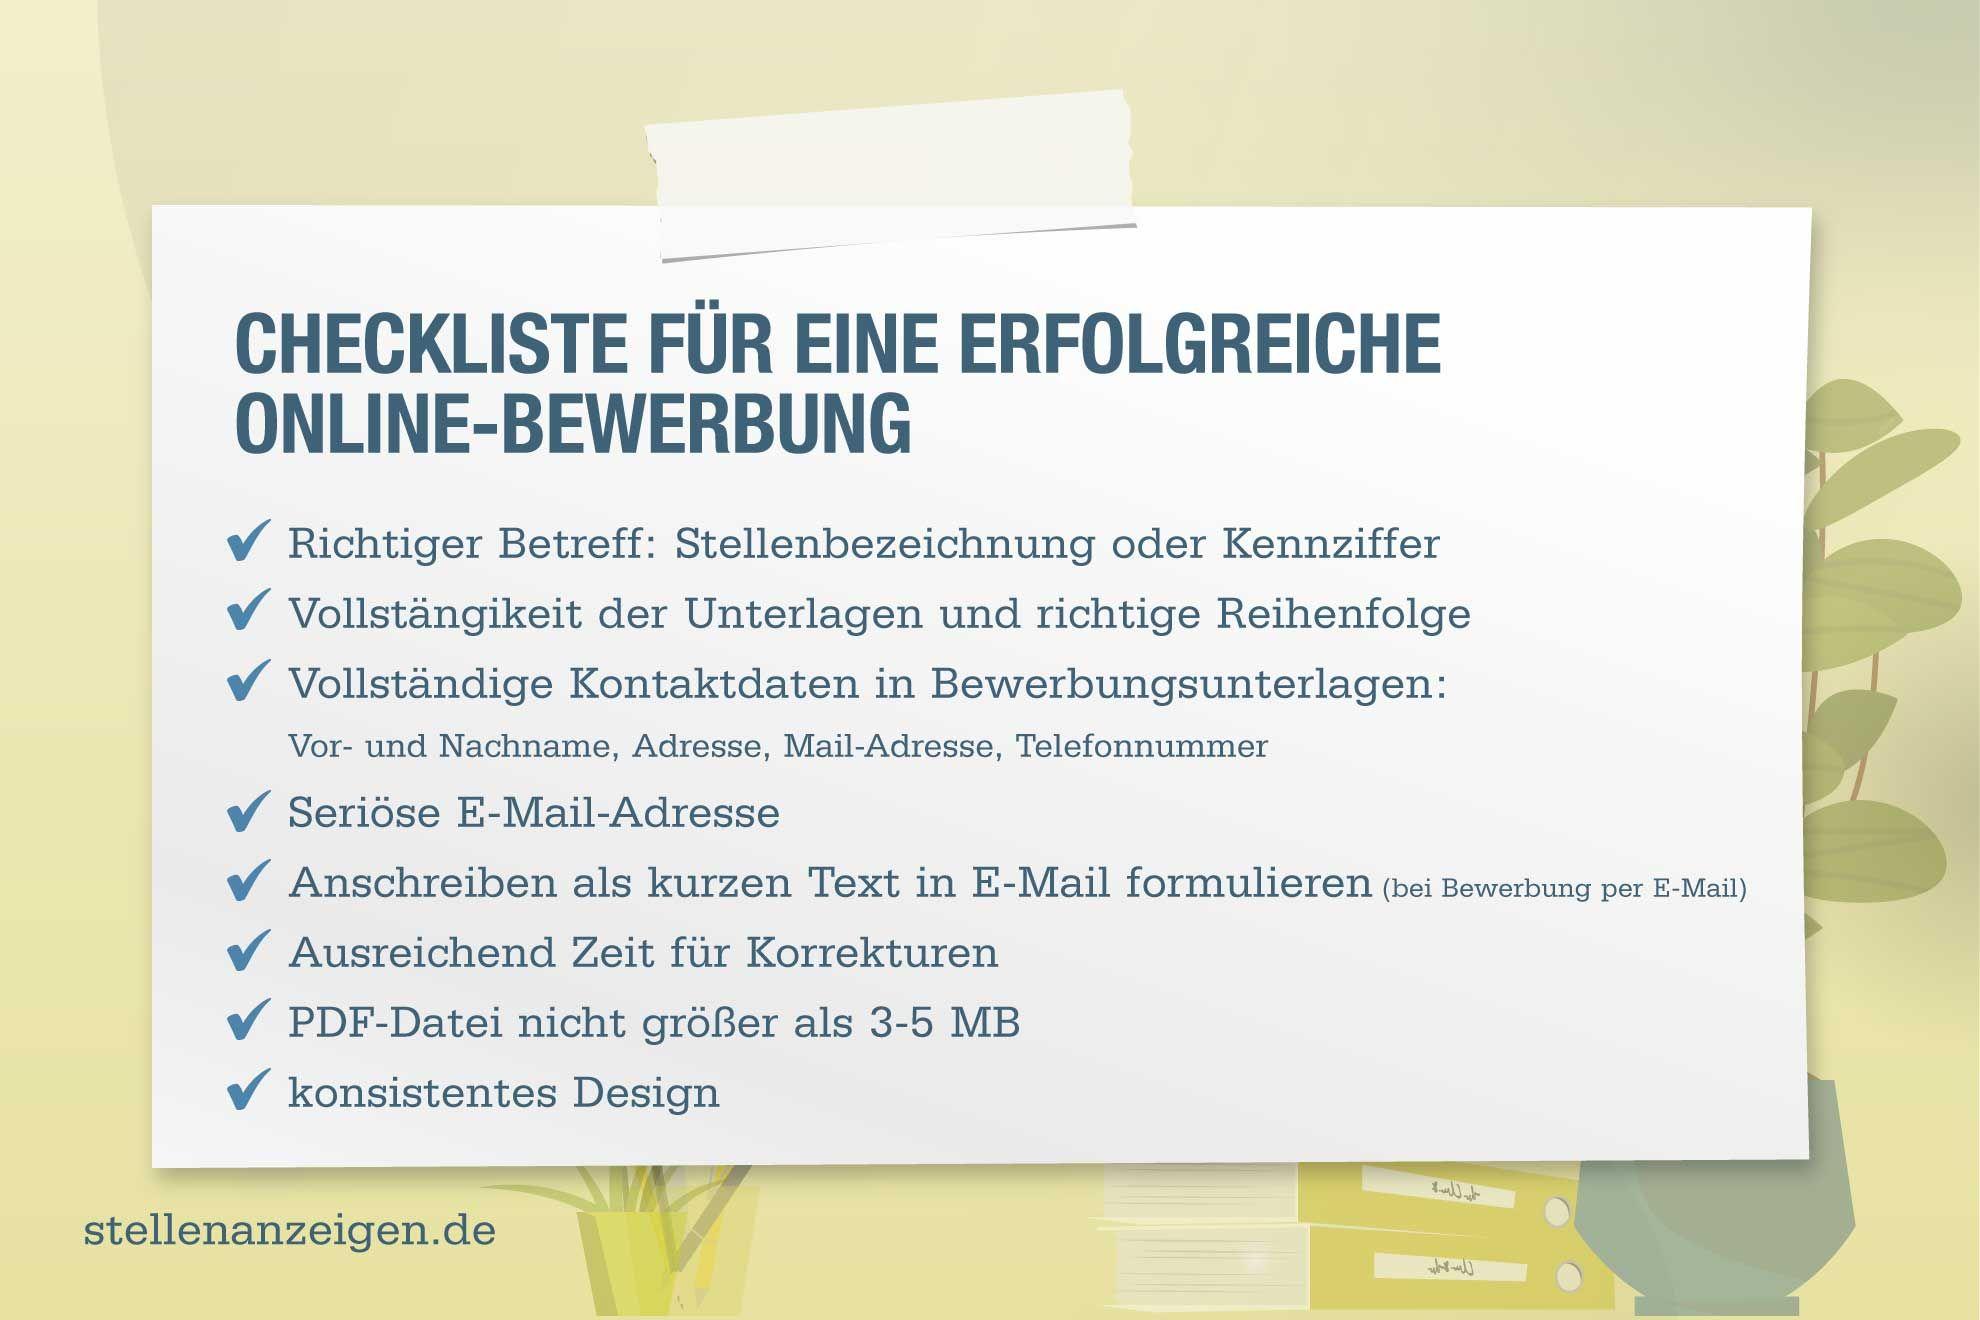 Uberzeugende Online Bewerbung Verfassen Tipps Zum Aufbau Dem Deckblatt Und Der Pdf E Mail Bewerbun Online Bewerbung Bewerbungsunterlagen Deckblatt Bewerbung